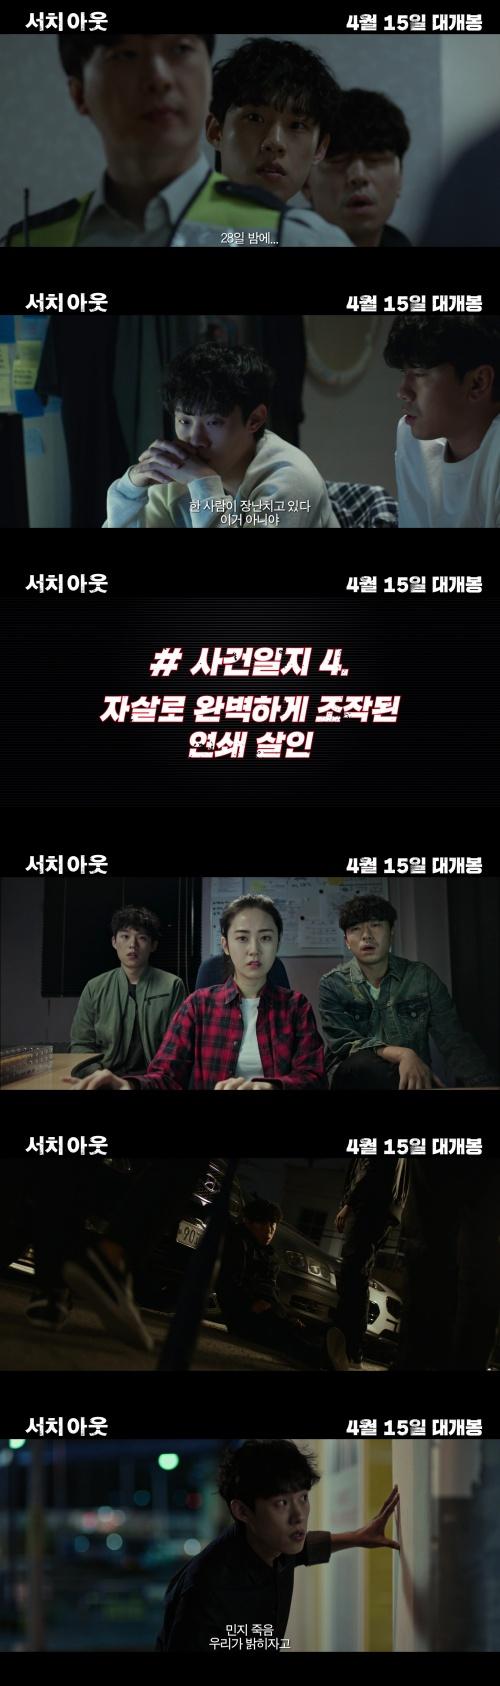 서치 아웃, 개봉 일주일 연기→4월 15일 극장 개봉 최종 확정